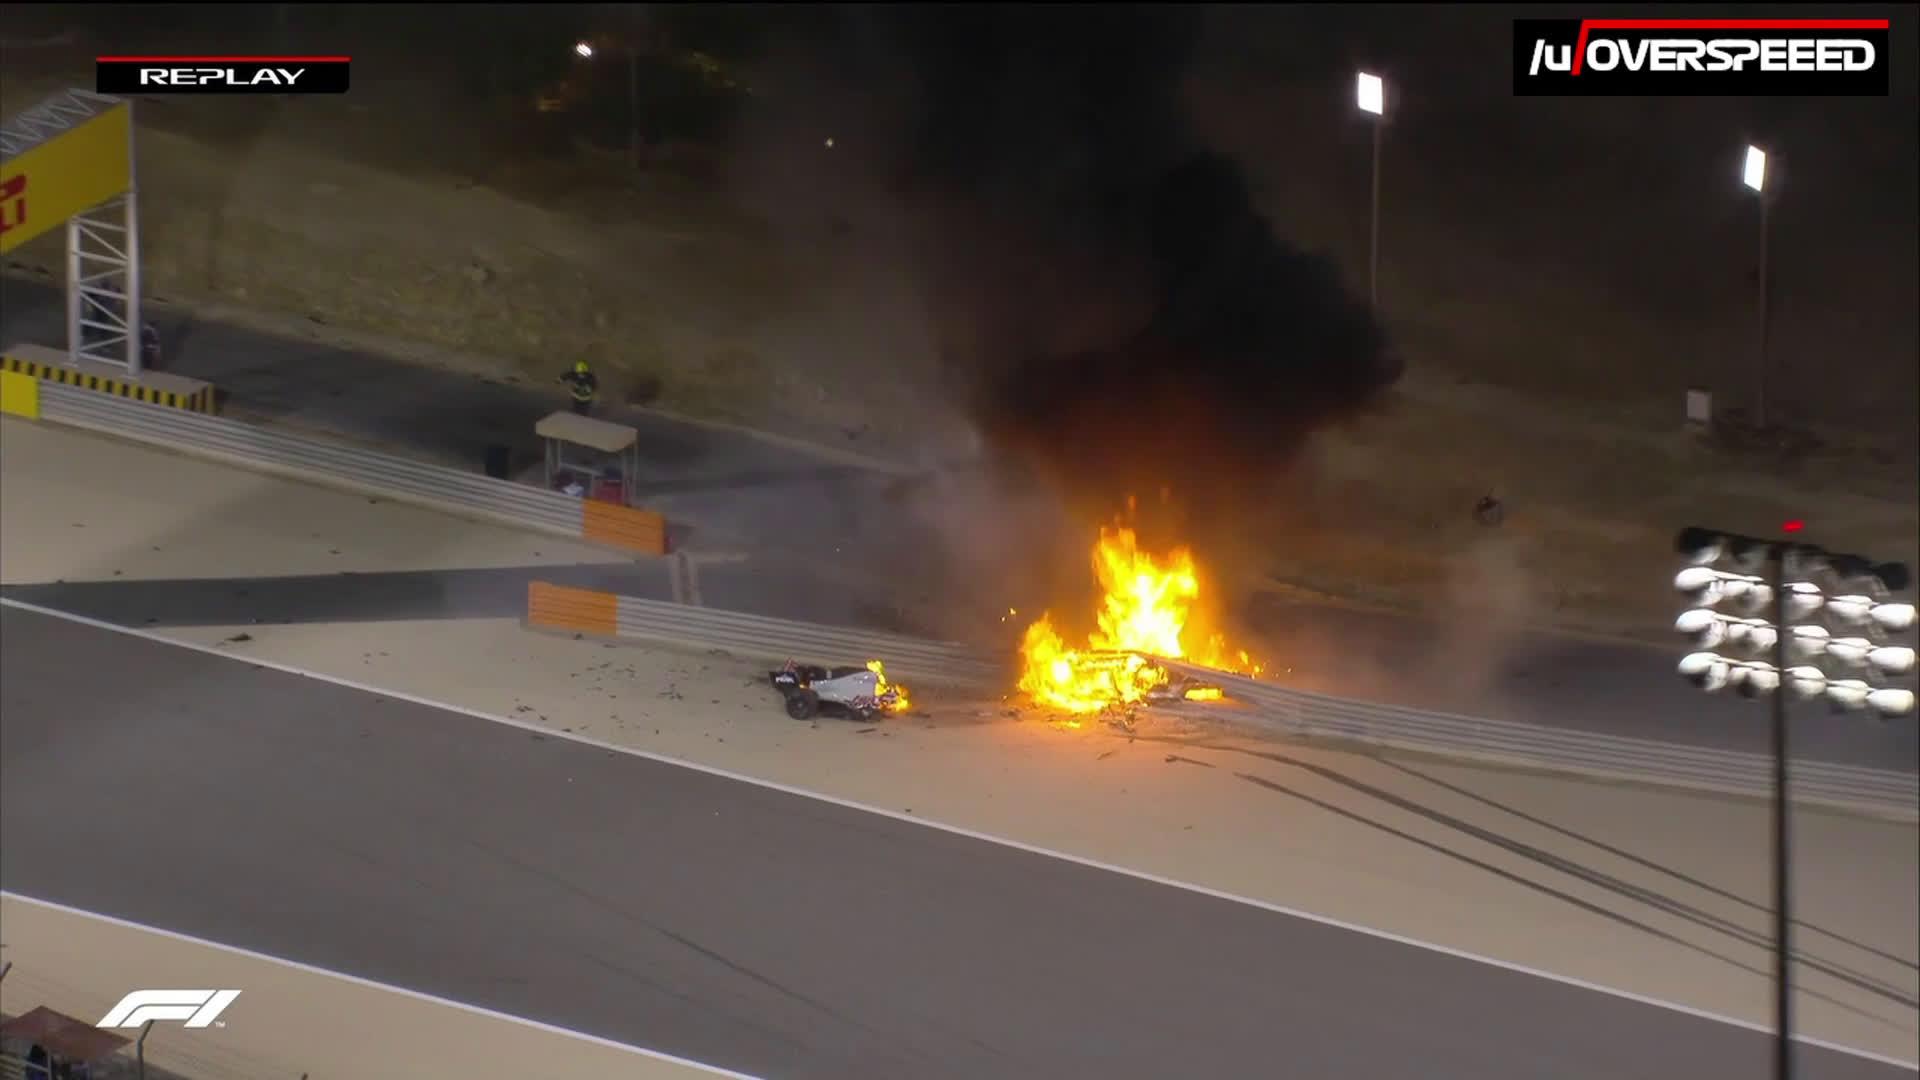 Ühe esimestena jõudis Grosjeanini ametlik F1 meditsiiniauto